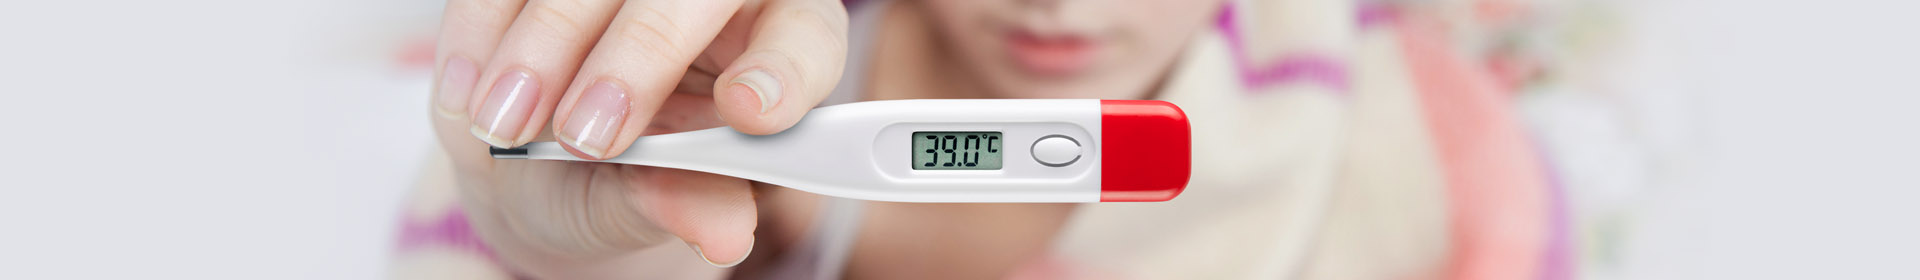 Objawy przeziębienia, których nie należy ignorować